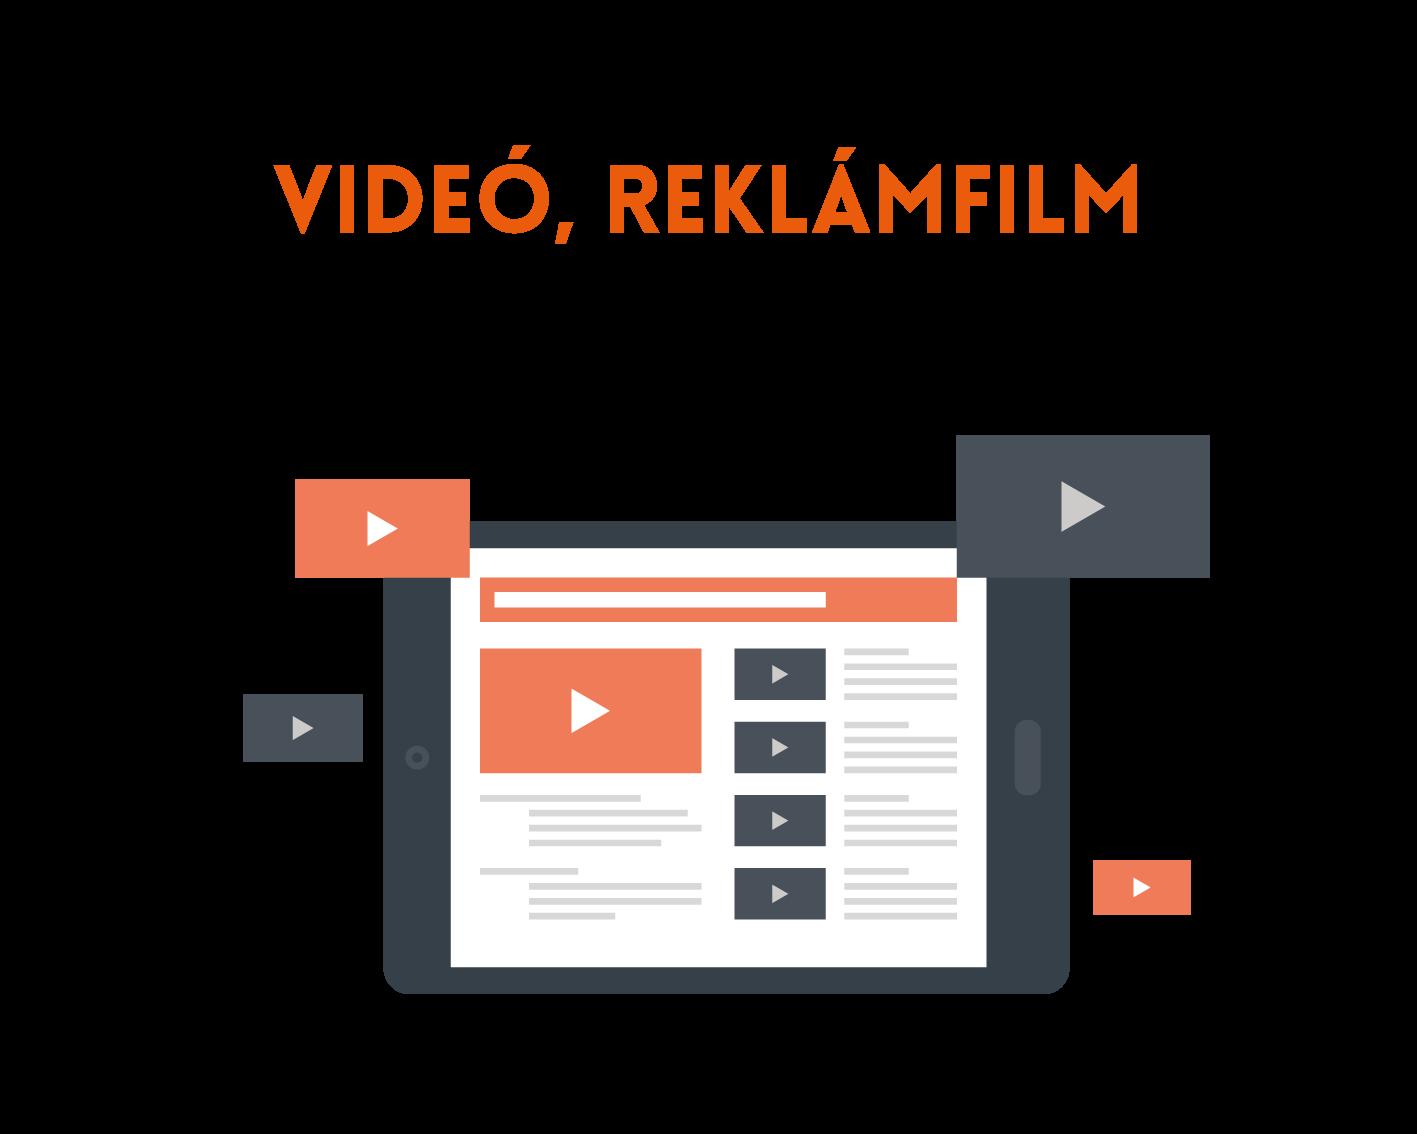 video keszites, reklam, reklamfilm, videovagas, HD video, csikszereda, gyergyoszentmiklos, sepsiszentgyorgy, kezdi, udvarhely